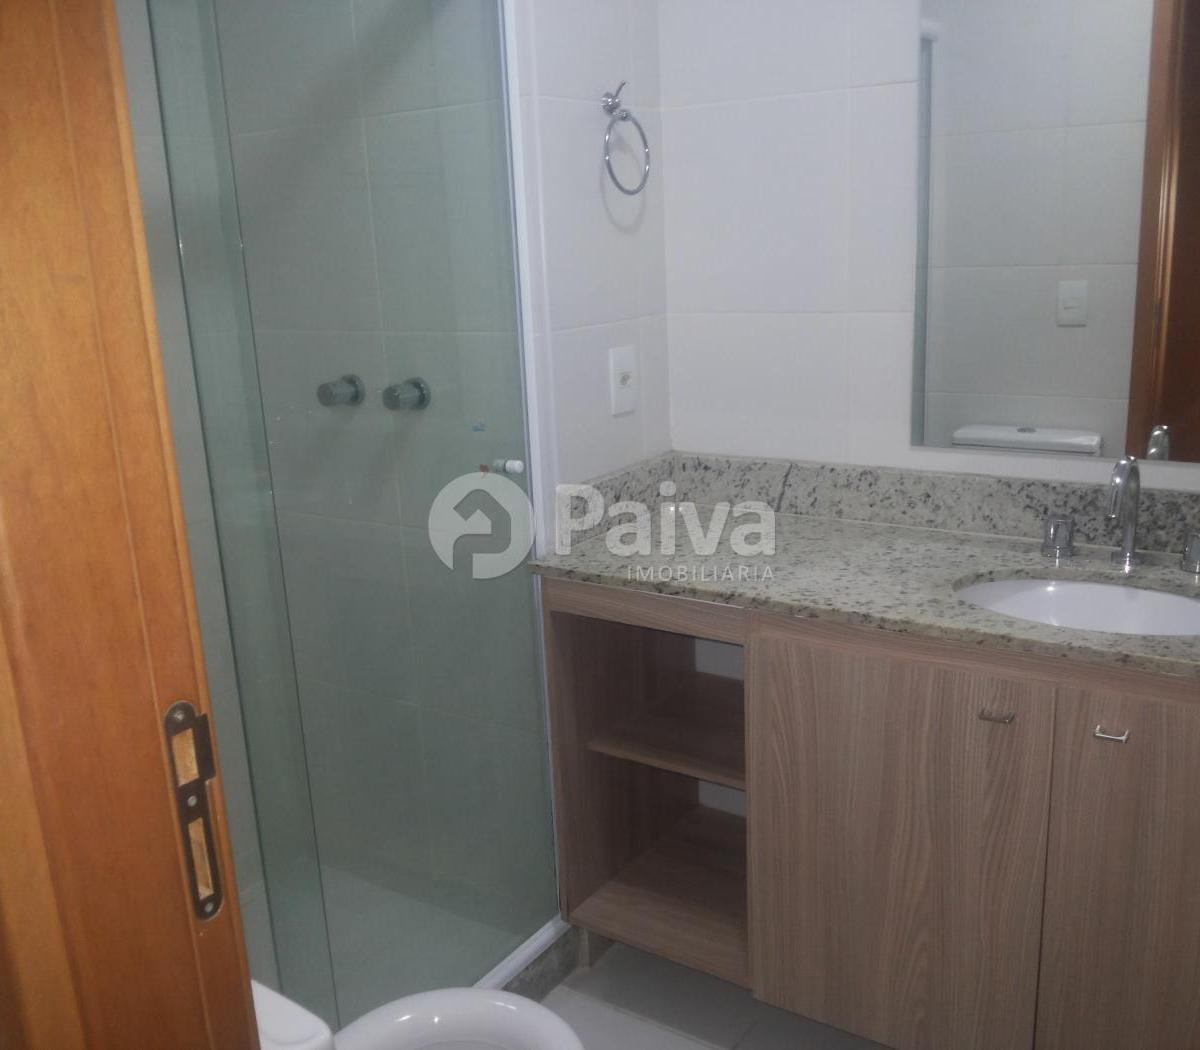 Imagens de #90623B Apartamento para aluguel com 3 Quartos Jacarepaguá Rio de Janeiro  1200x1050 px 3544 Blindex Banheiro Jacarepagua